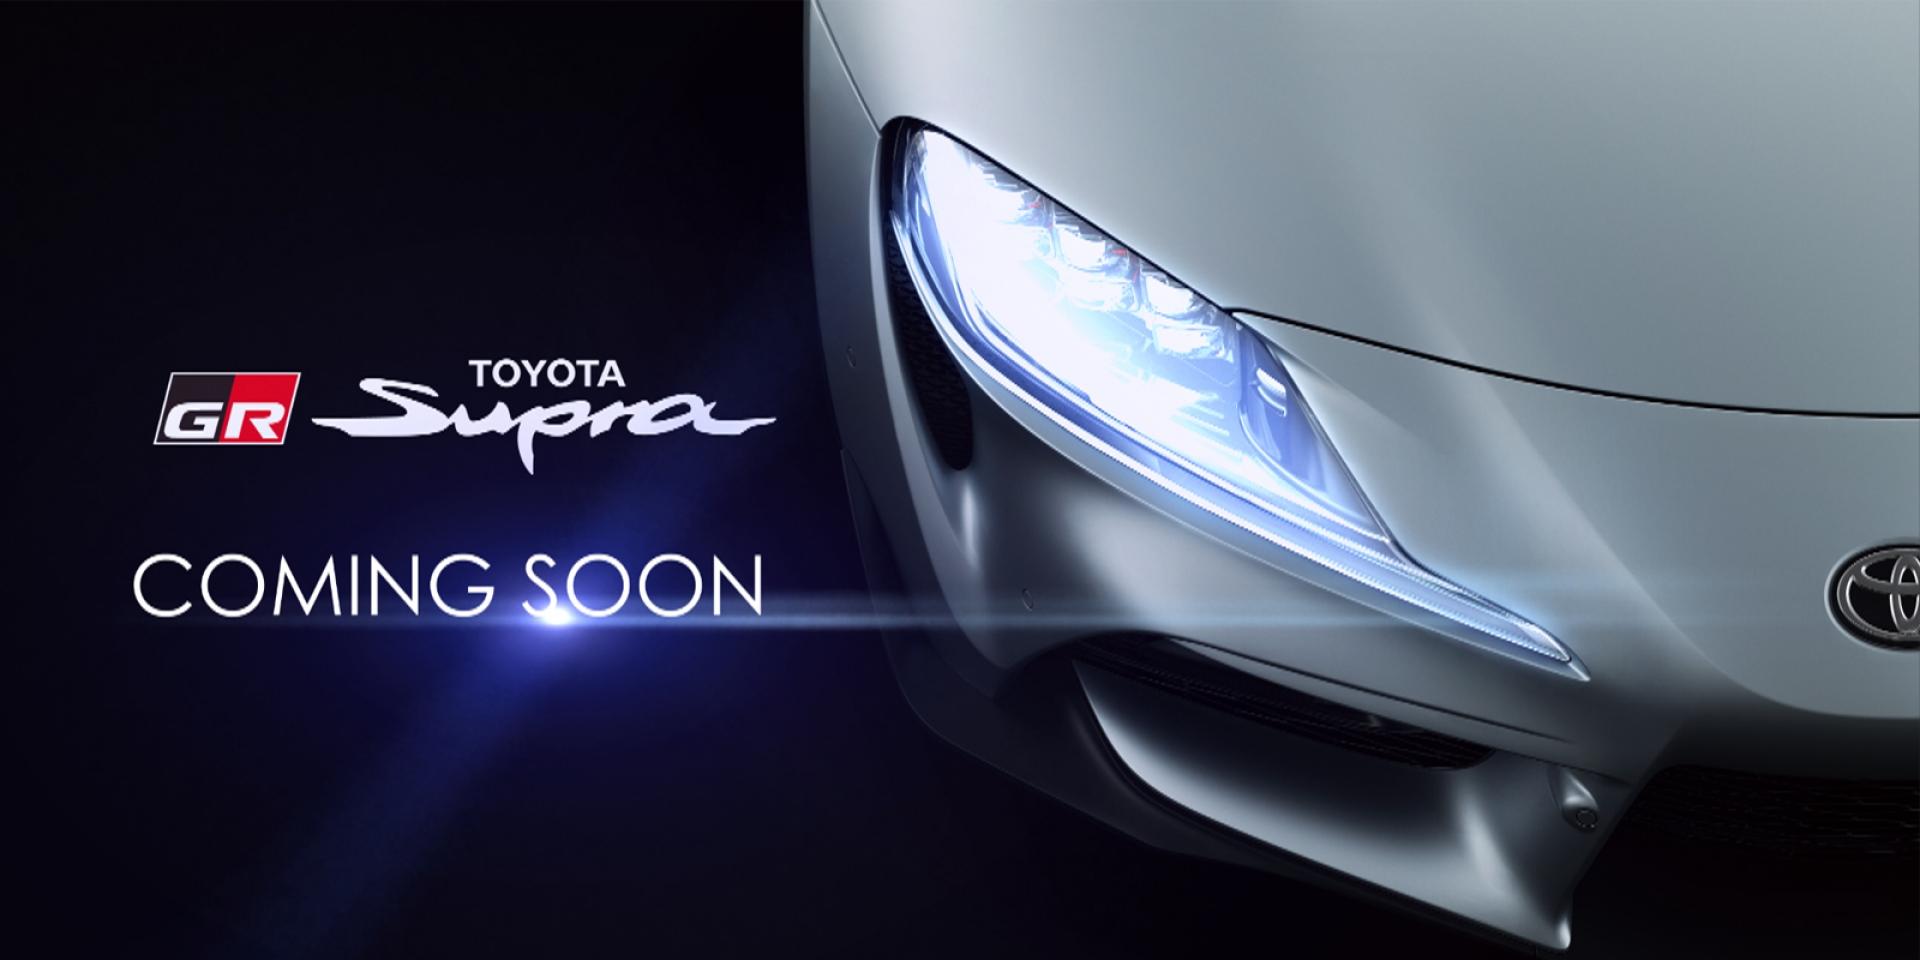 官方新聞稿。傳奇經典車款「TOYOTA GR SUPRA」 正式現身台灣!